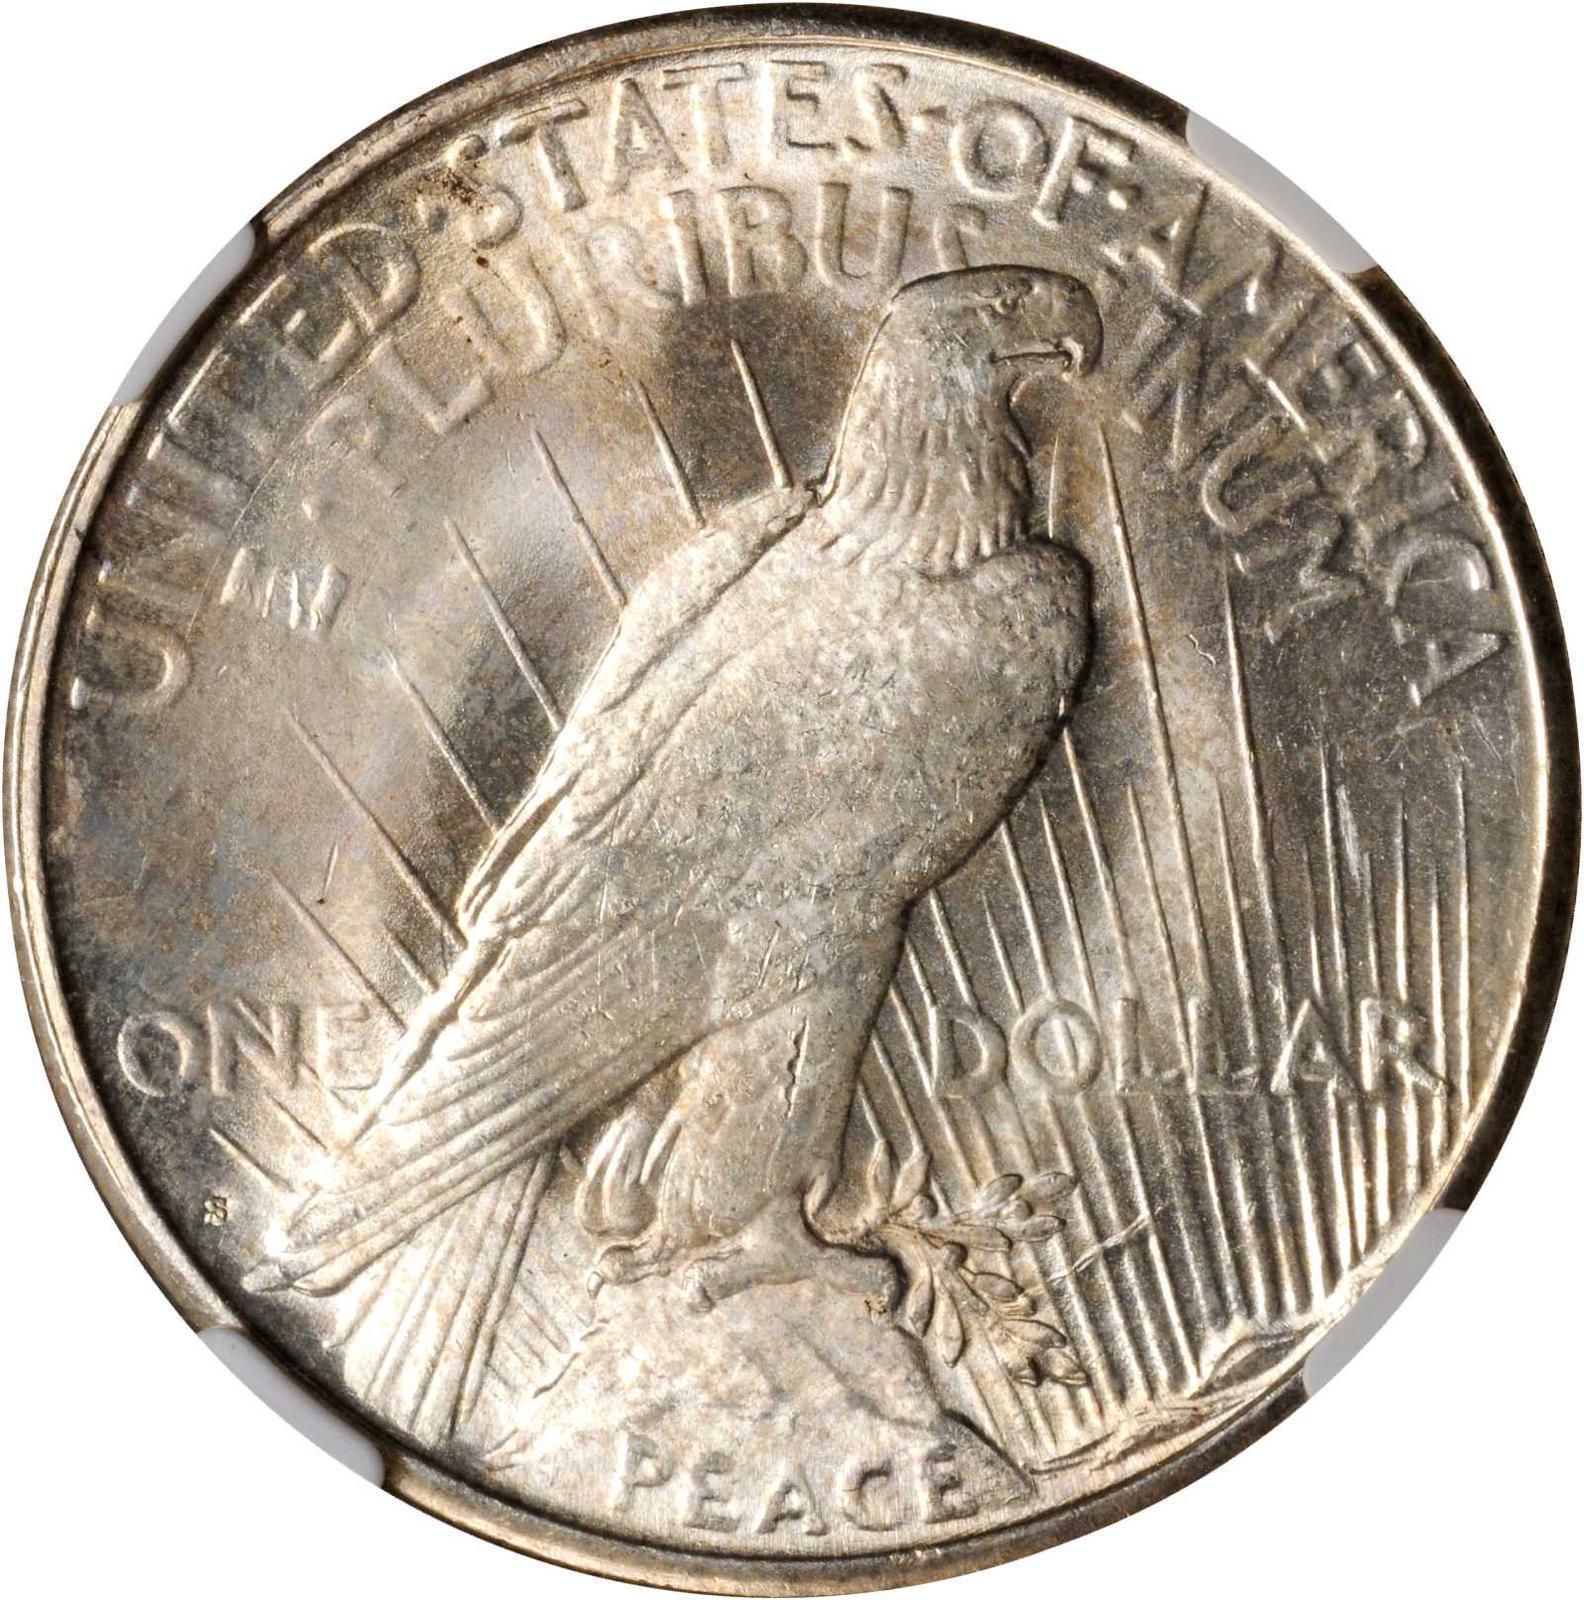 coin value silver dollar 1923